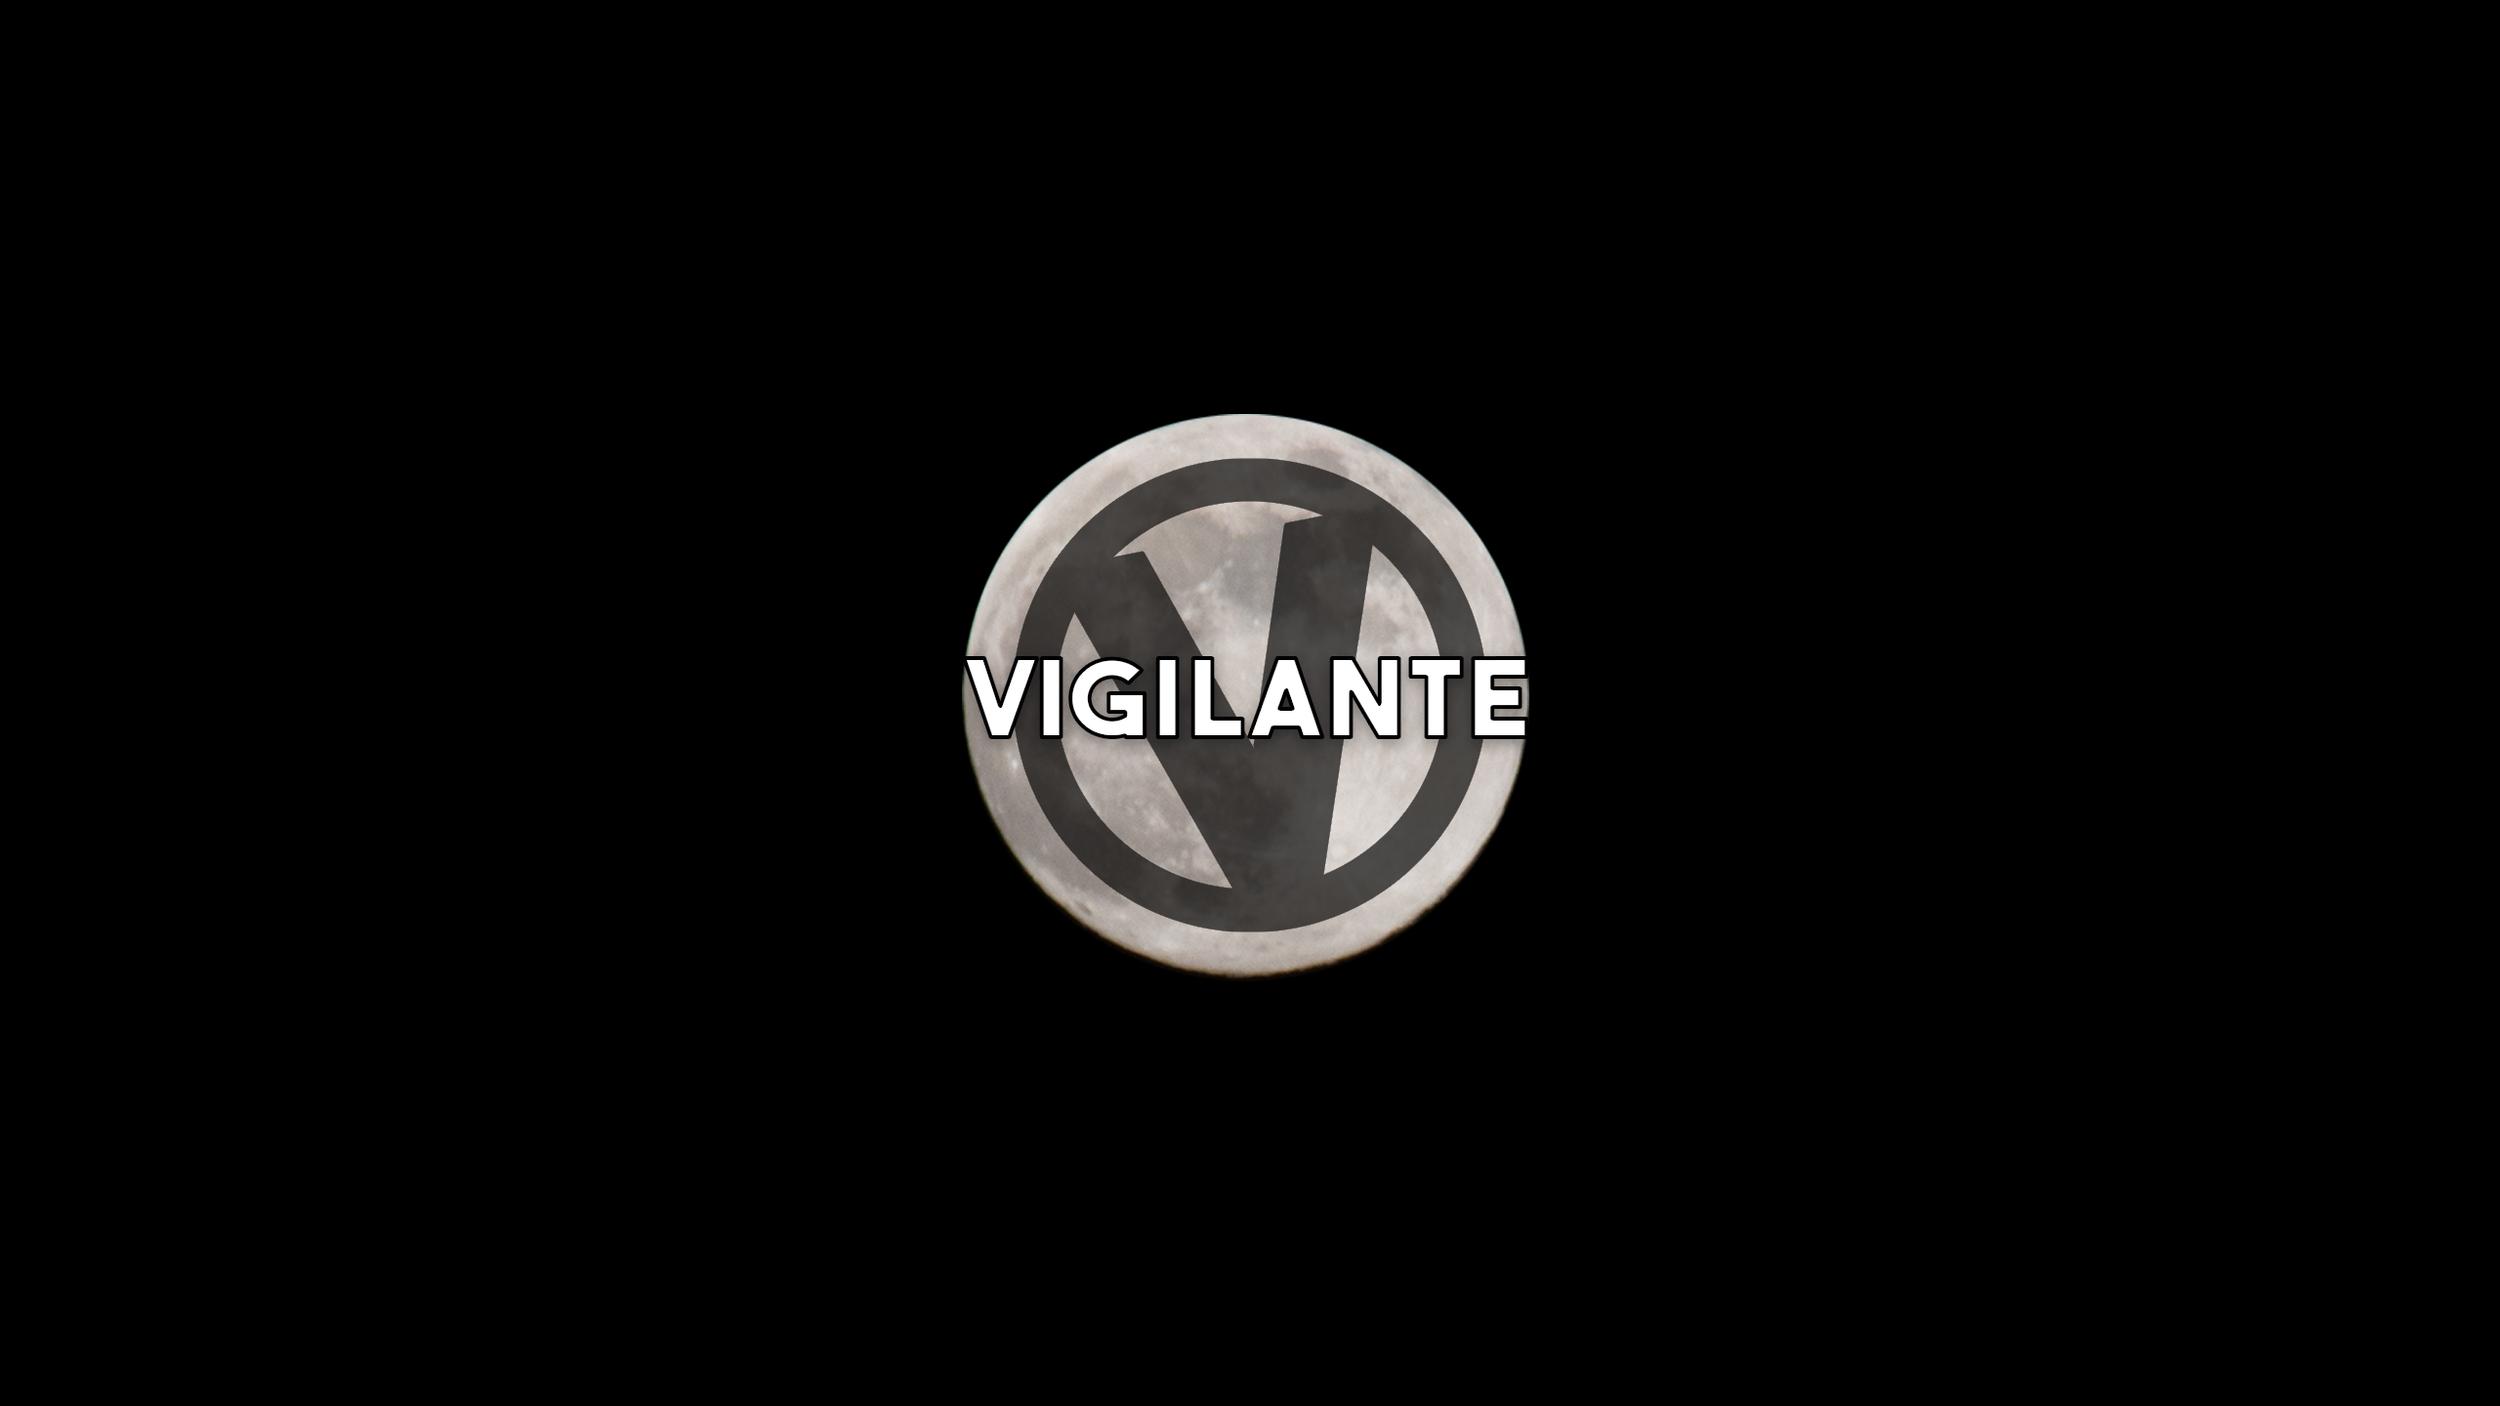 Vigilante Banner Wallpaper.png